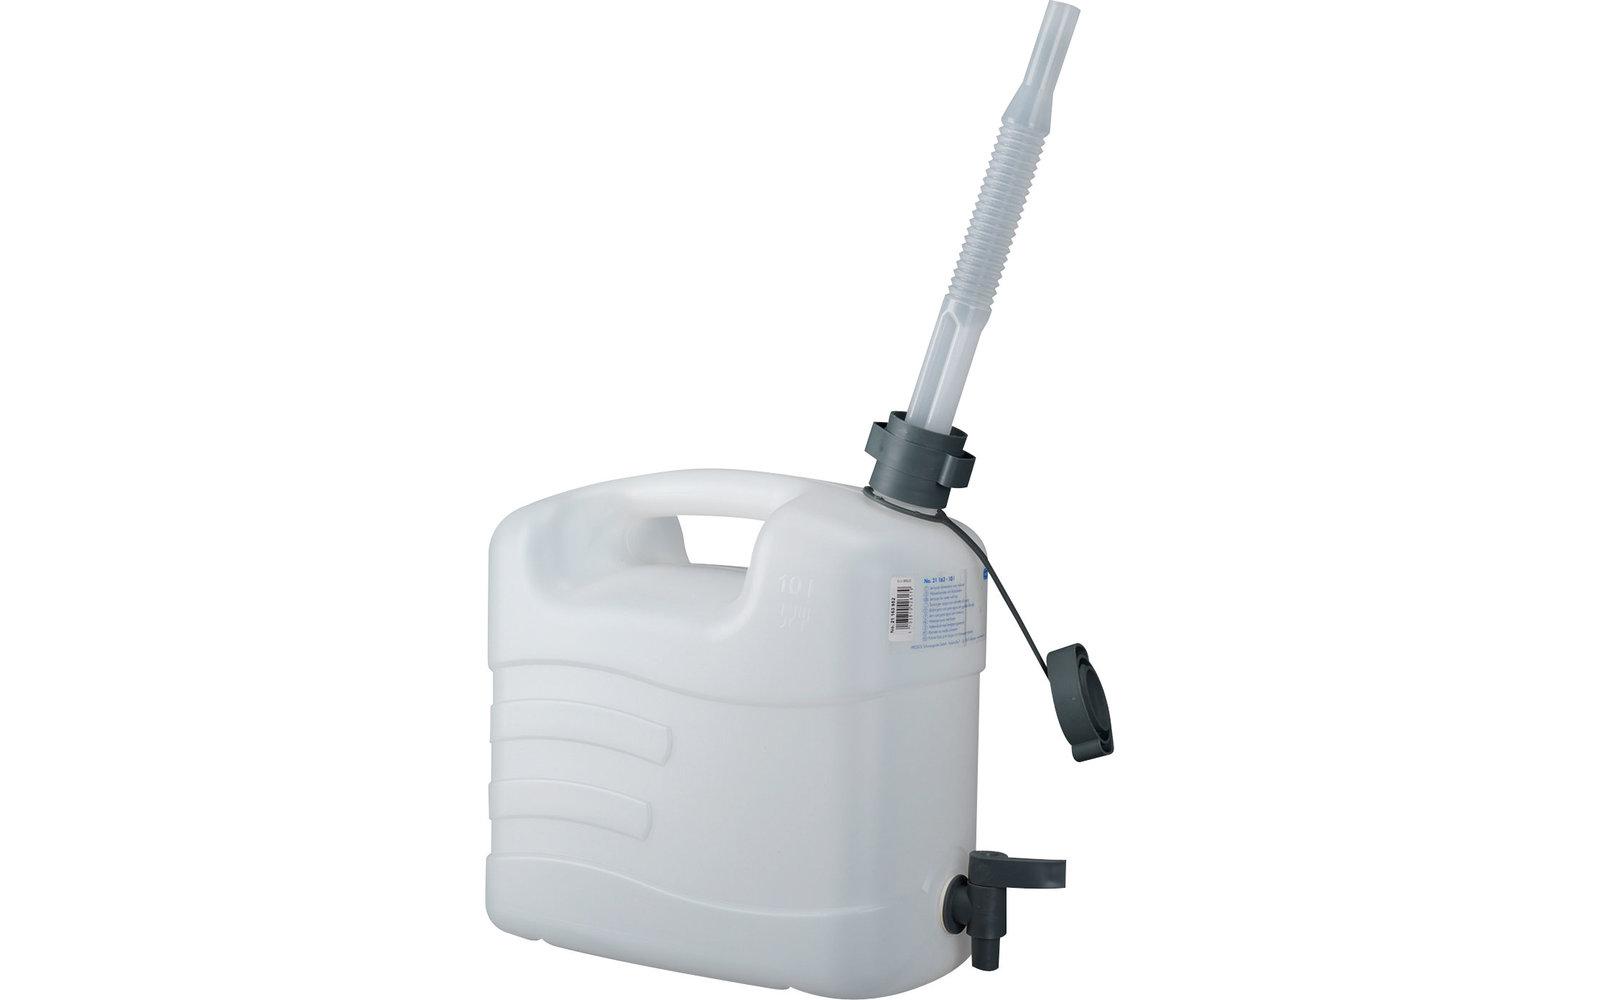 Oder Sp/ülbecken Wasser-Beweis-halteplatte K/üche Dish Washing Abschirmplatte Haushalts-Werkzeug Lankater 1pc K/üche Wasserschutz Wasch